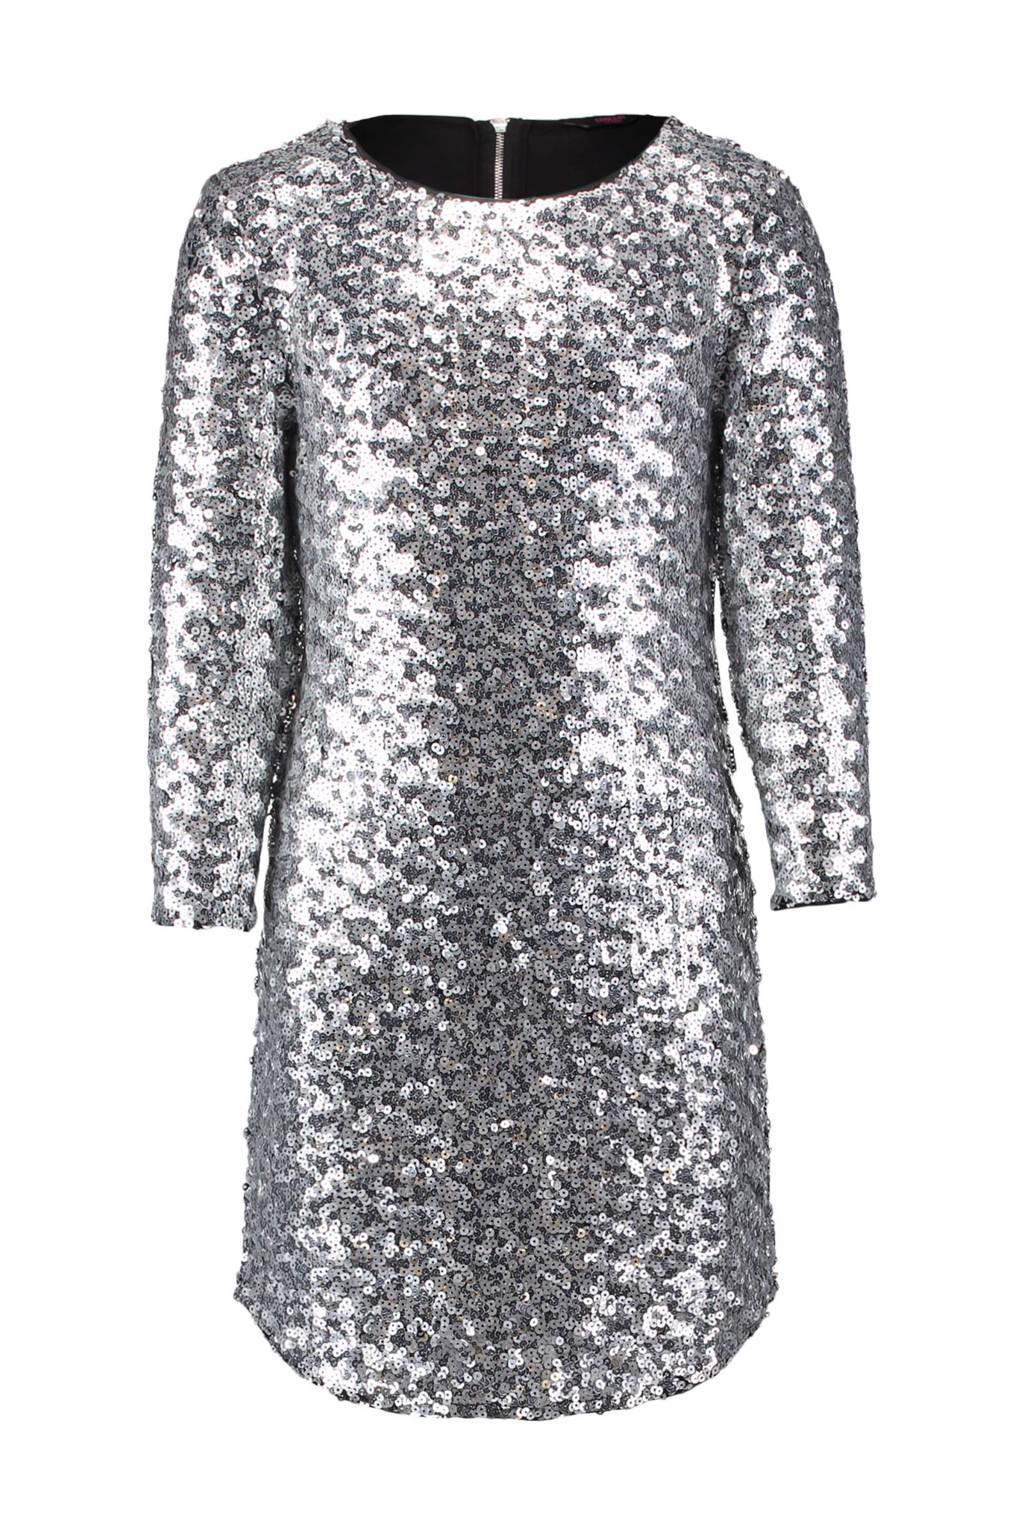 fd73813c99401a CoolCat pailletten jurk